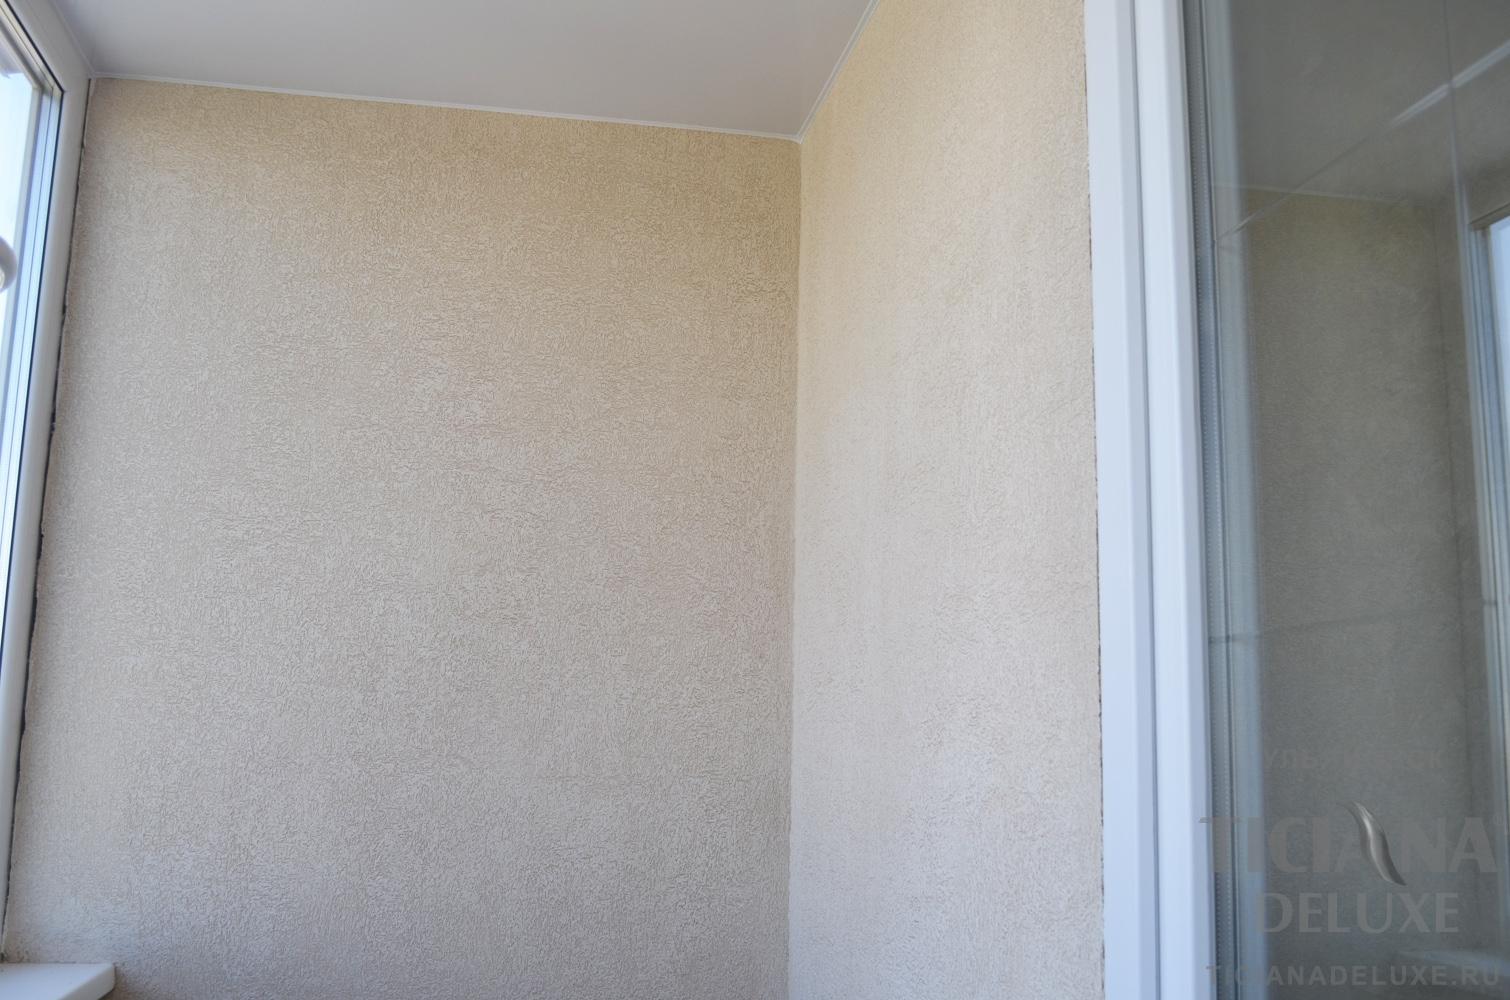 декоративная штукатурка короед фото стен балкона главных элементов оборудования